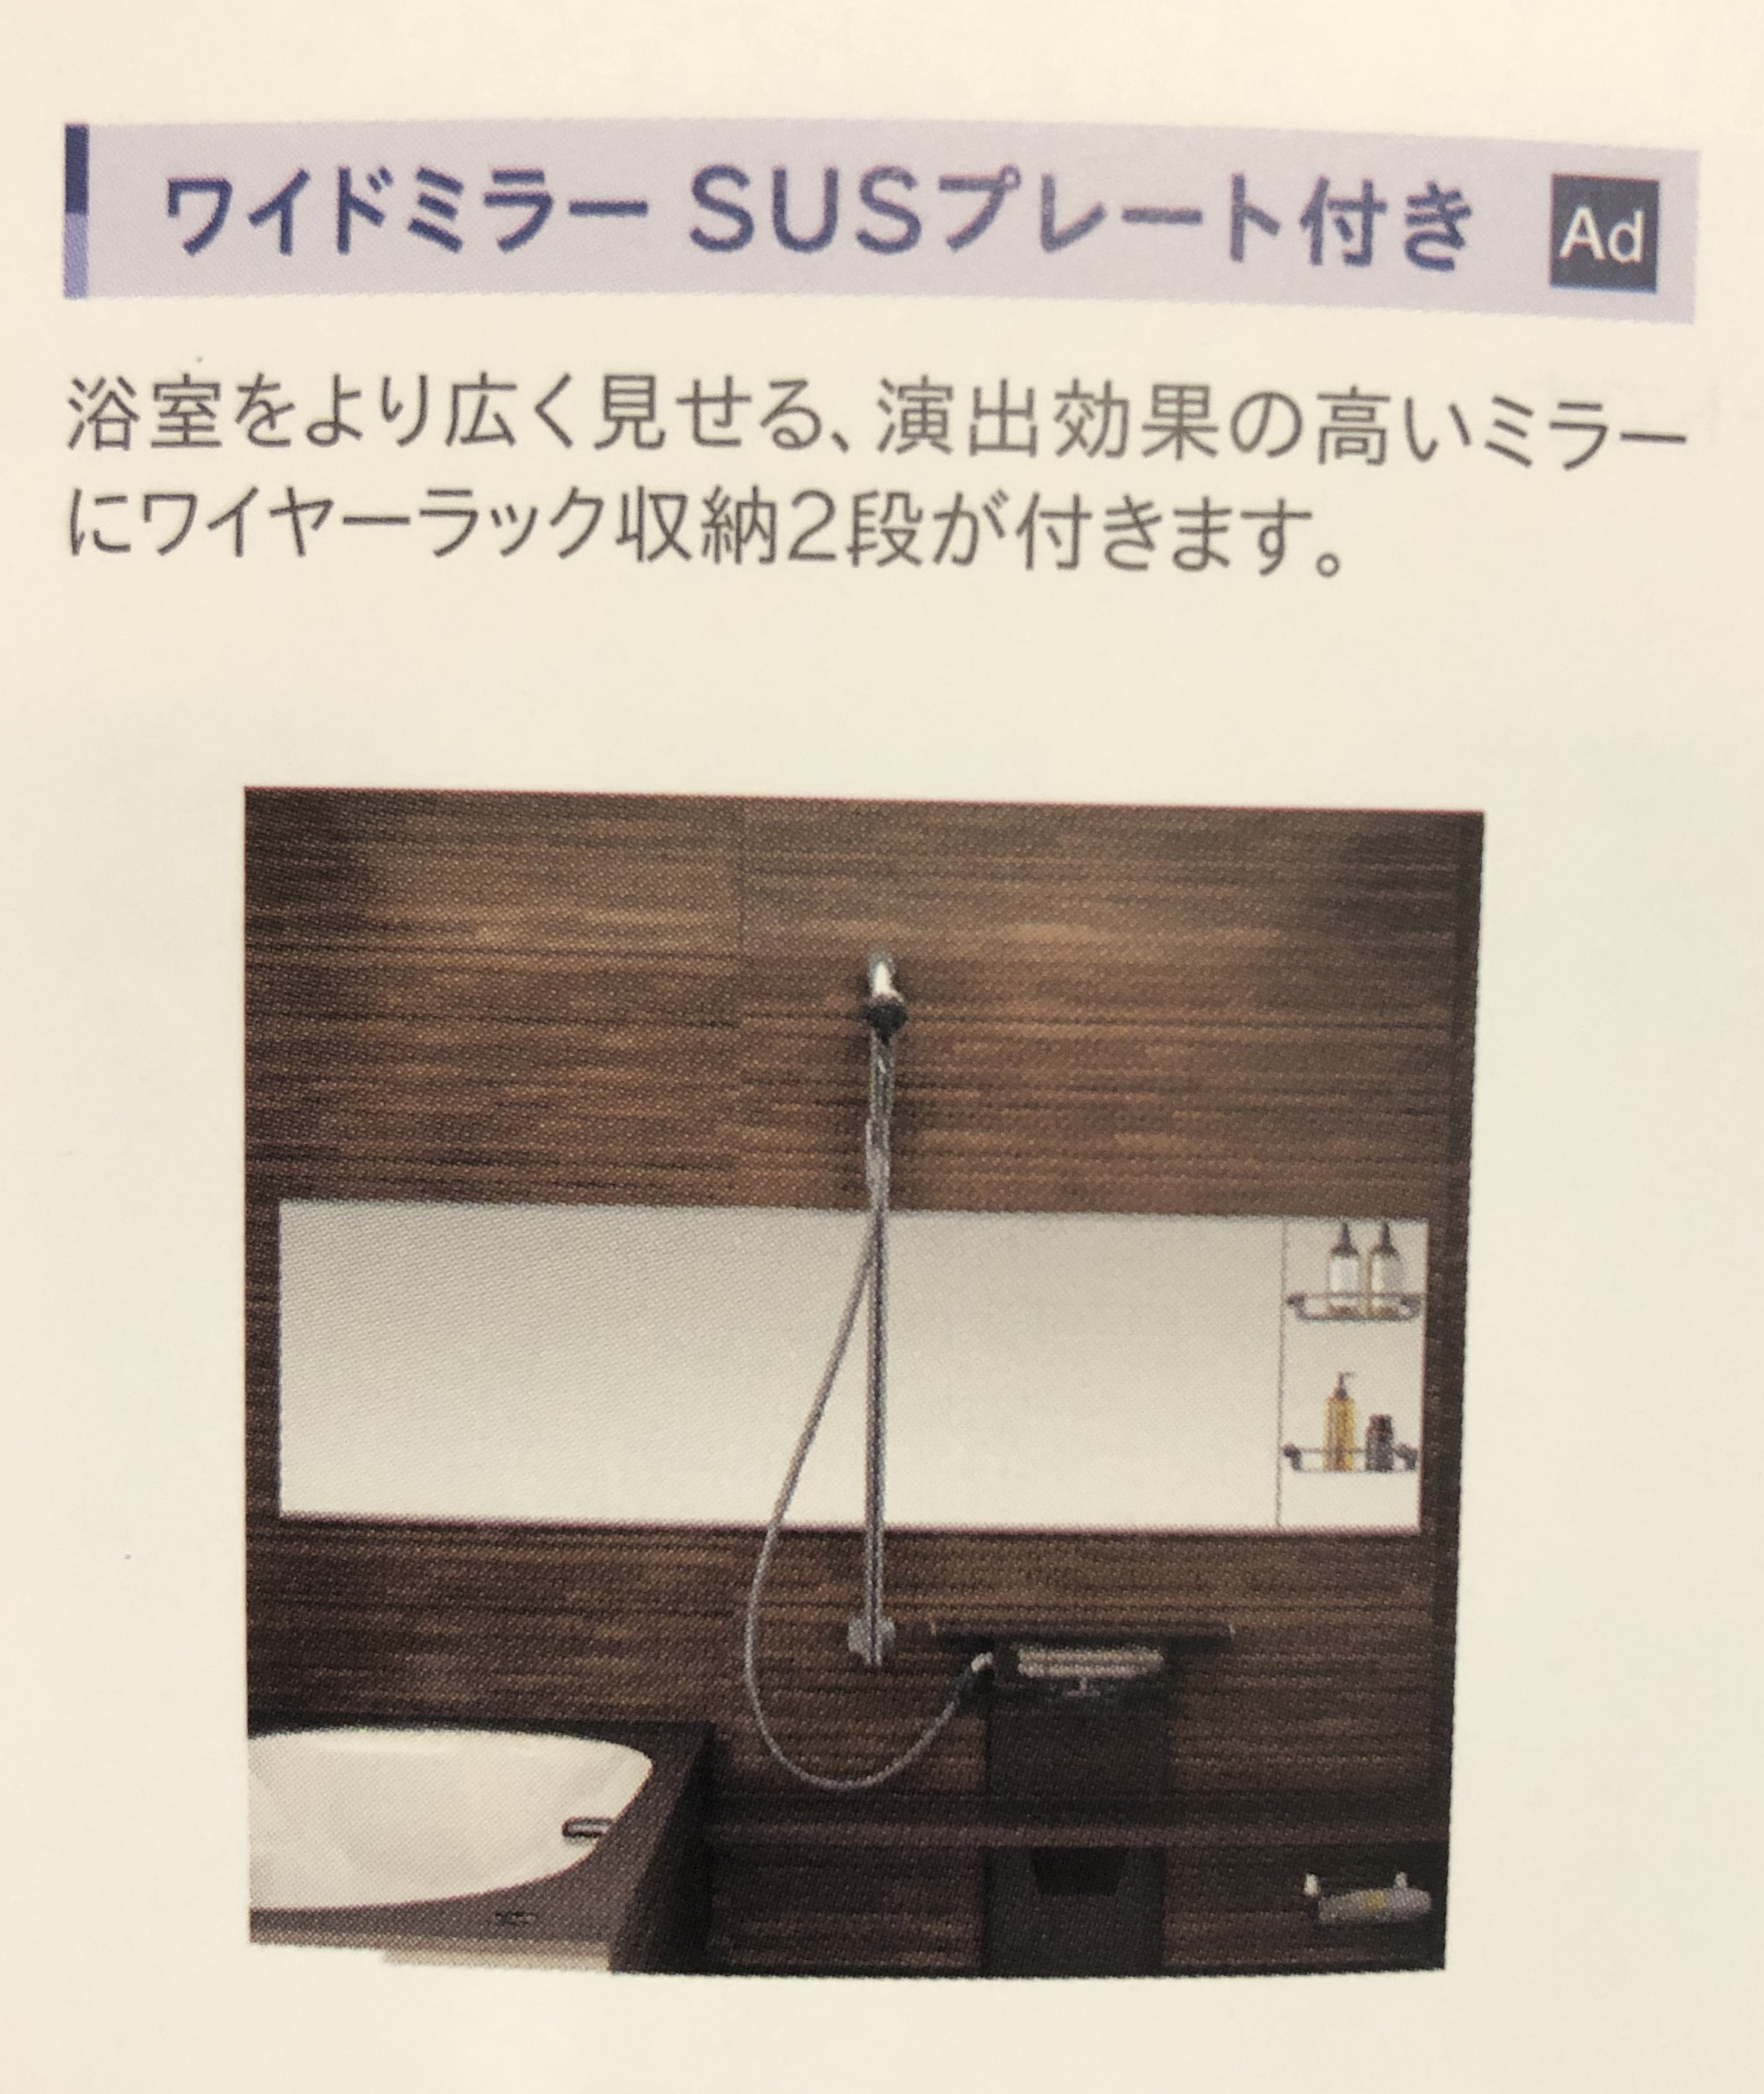 セキスイハイムのお風呂・アドバンスのオプション